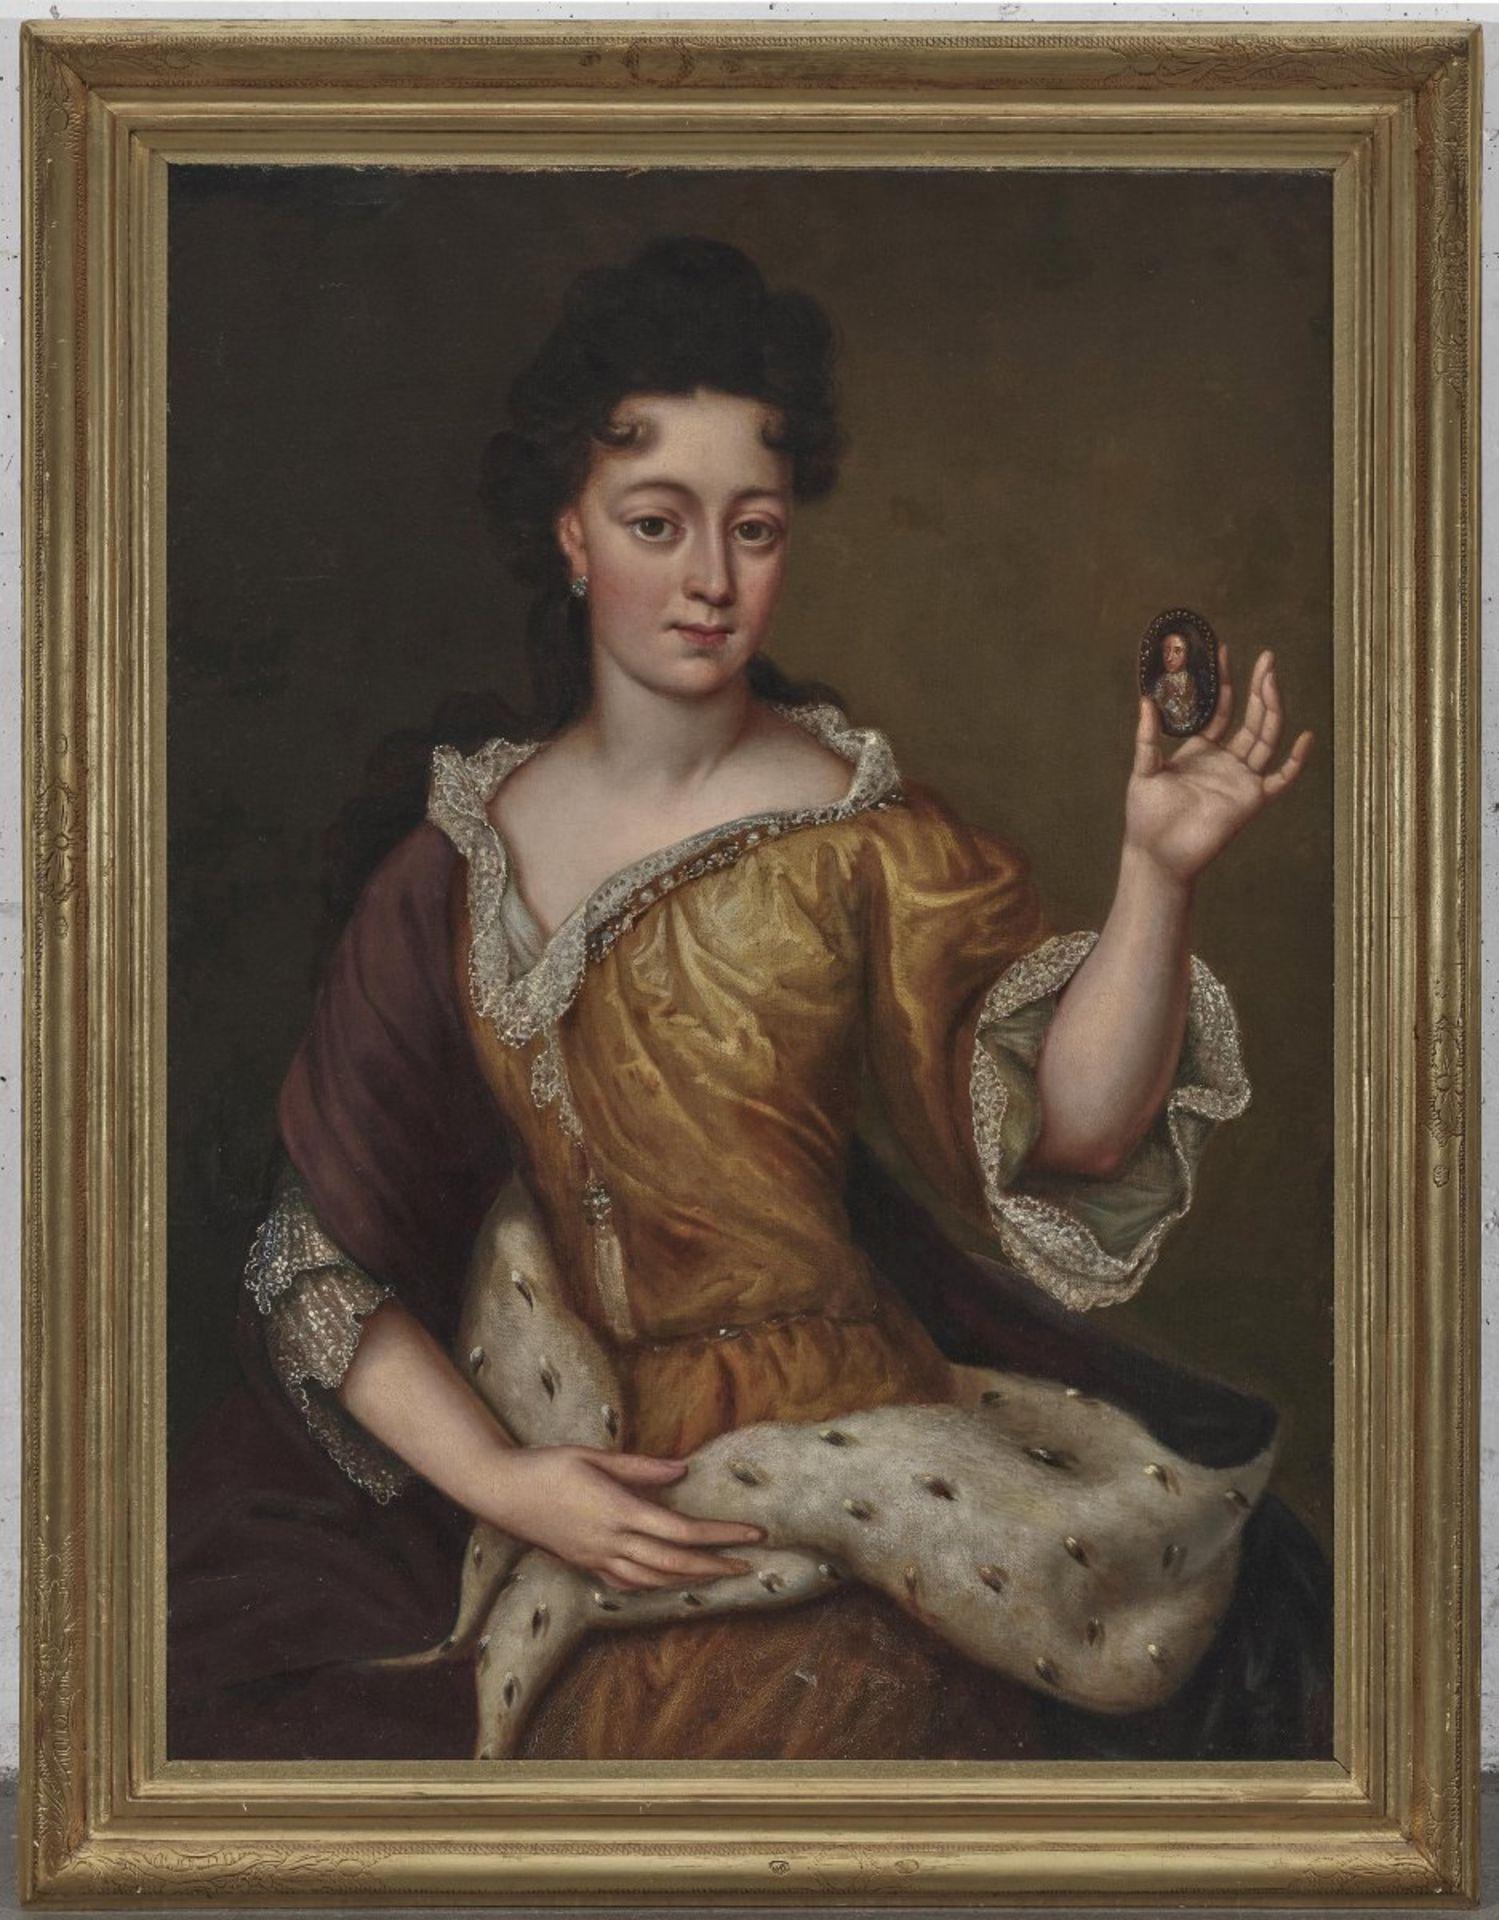 Frankreich (Martin Maingaud, 1692-1706 für Kurfürst Max Emanuel in Brüssel und München täti - Bild 2 aus 2